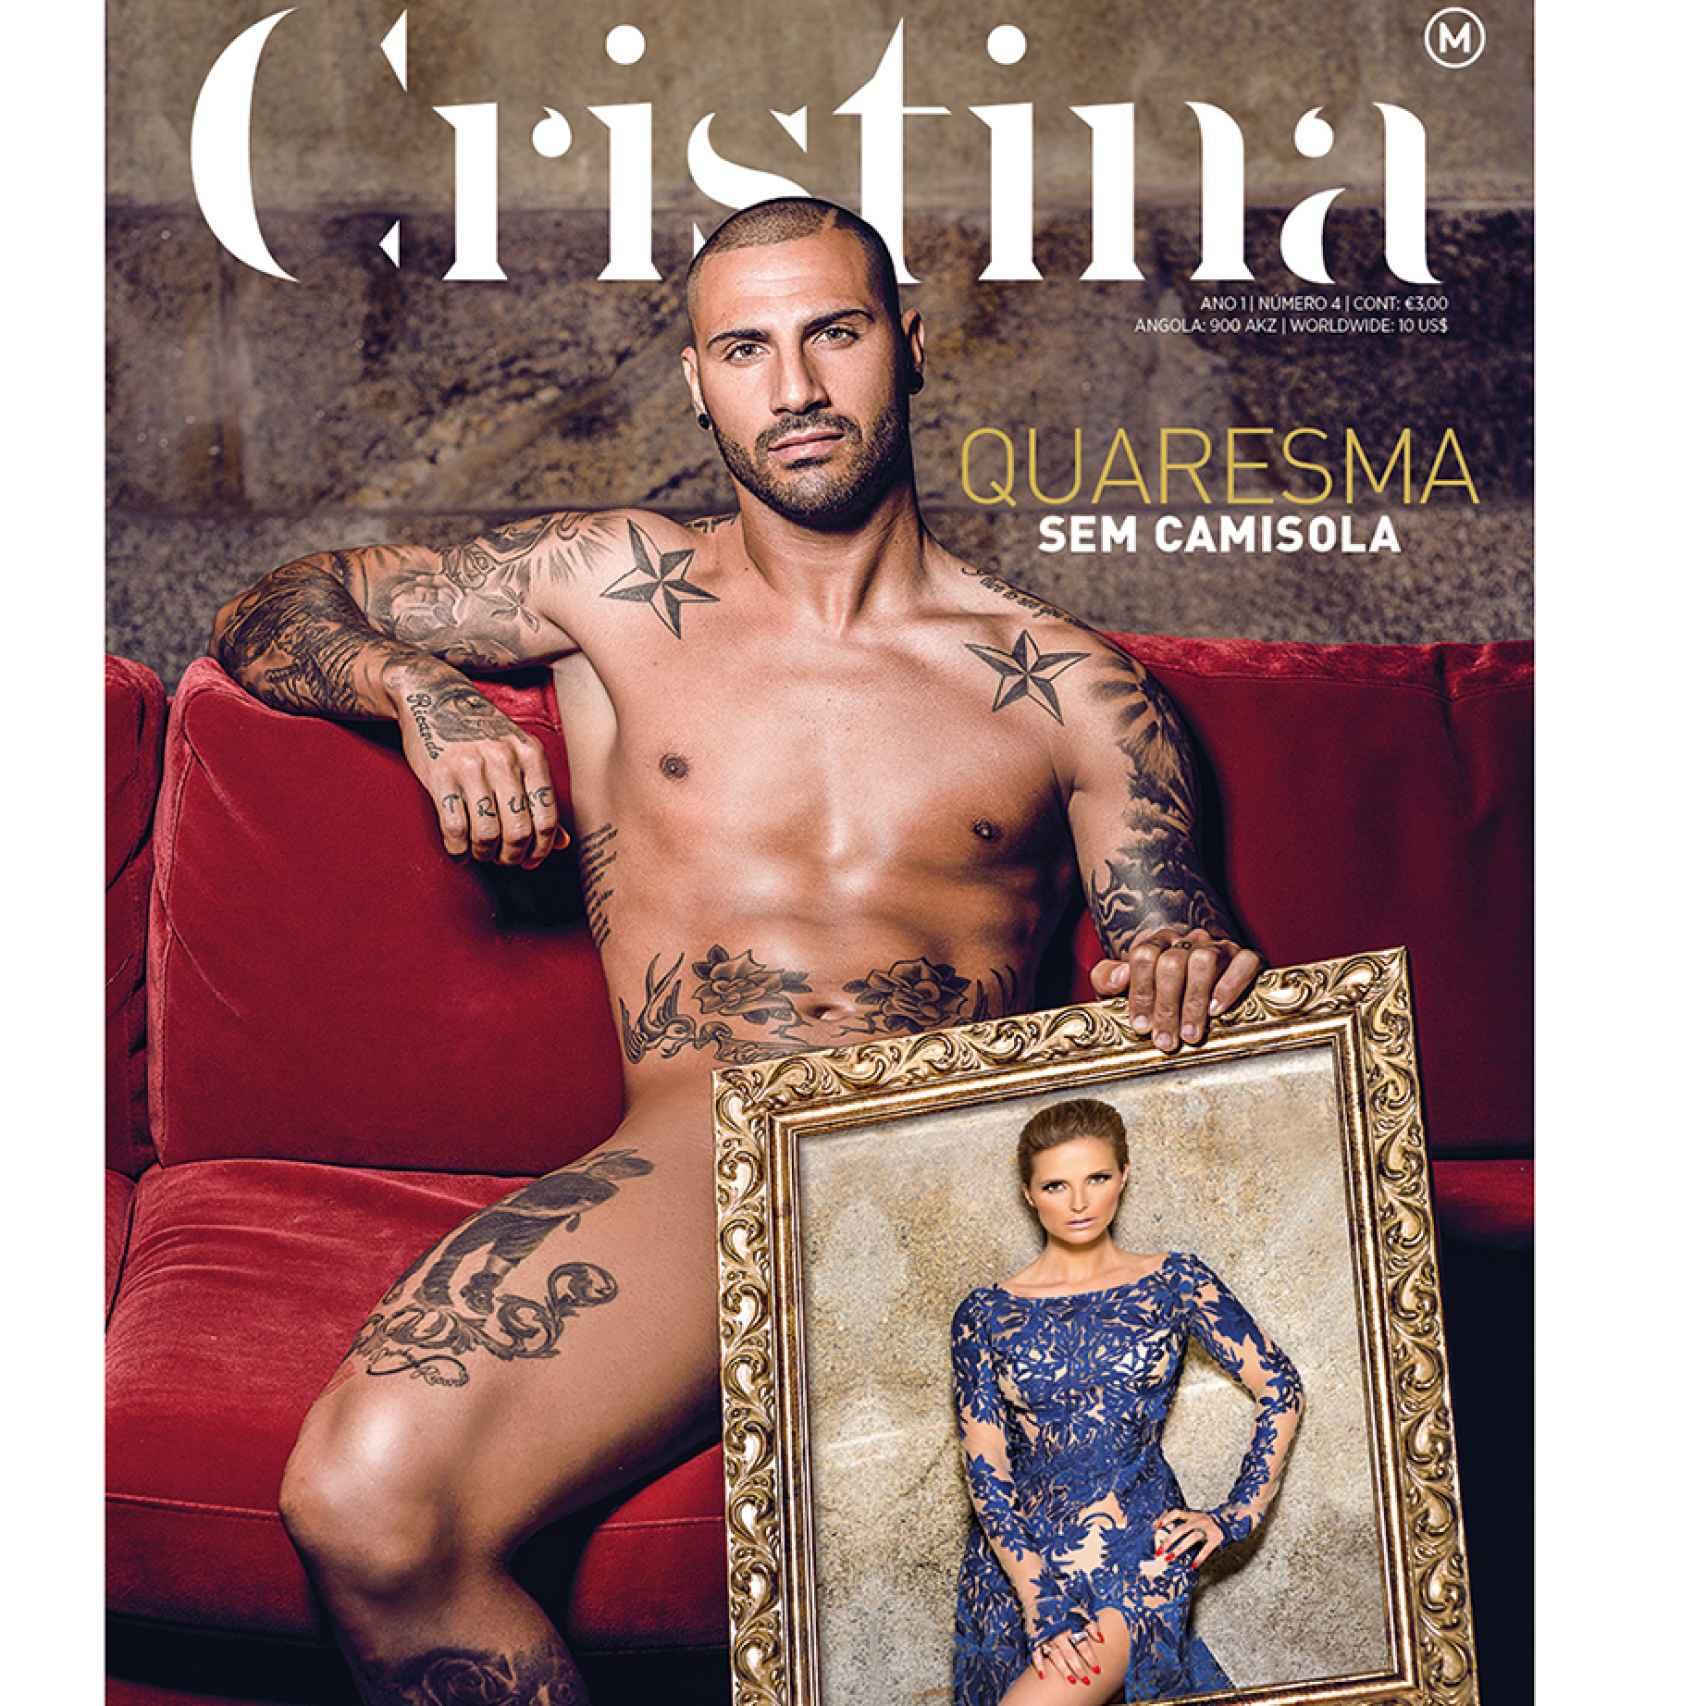 Ricardo Quaresma en la portada de la revista 'Cristina' en junio de 2015